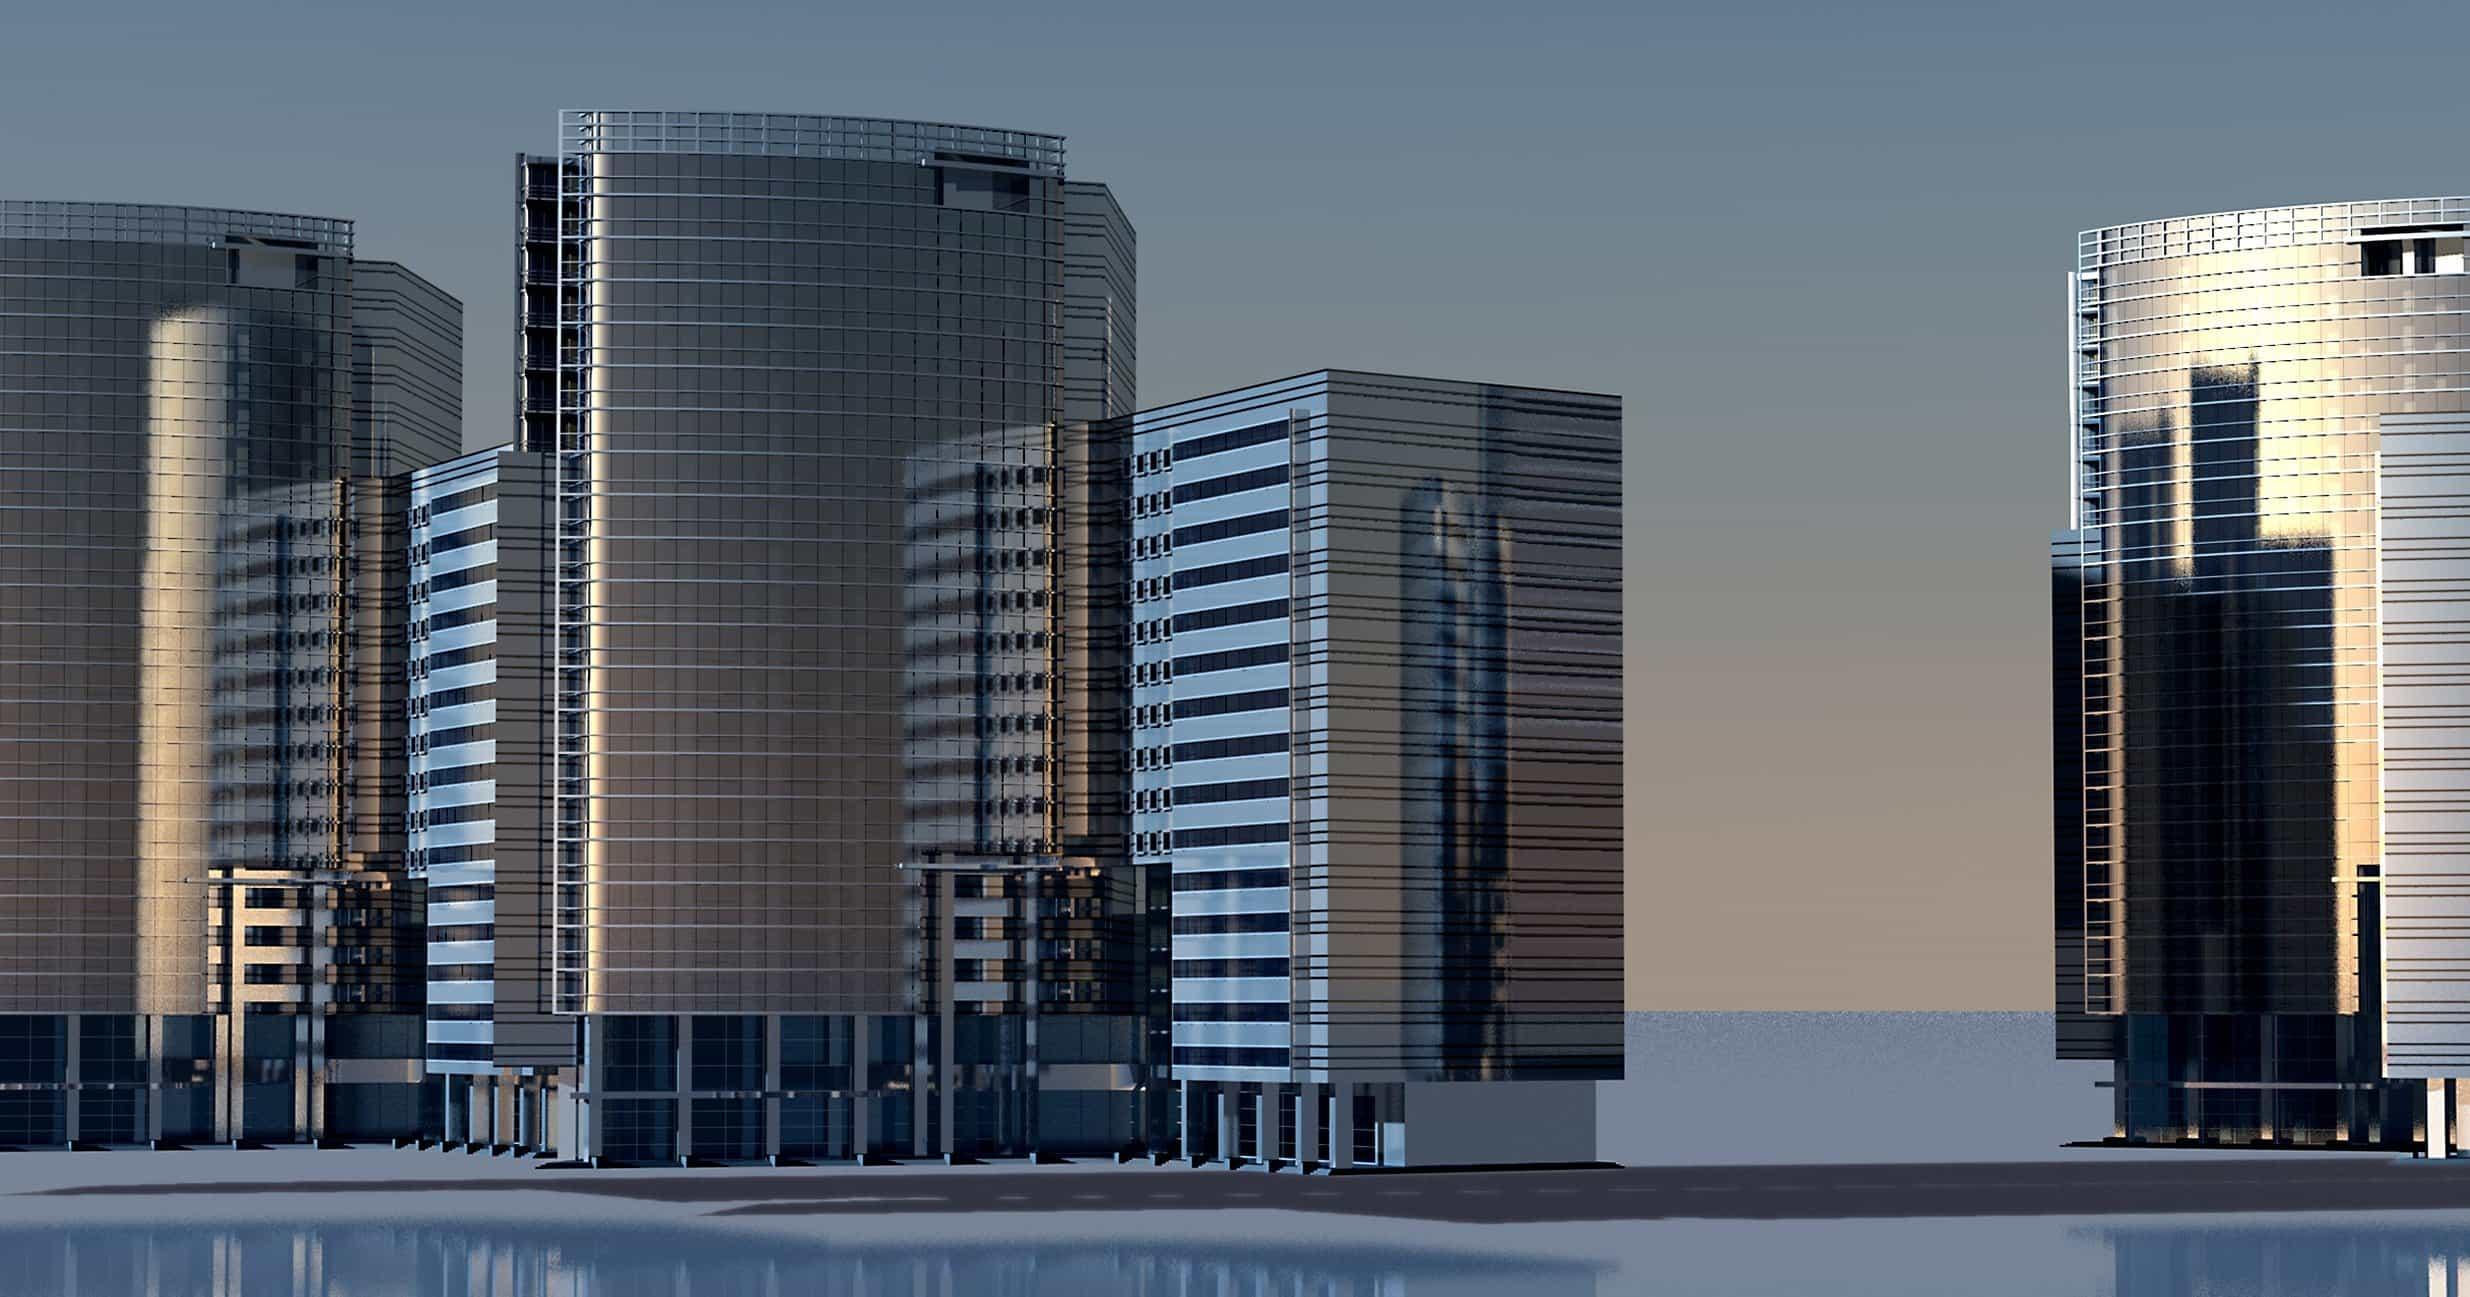 Imagen gratis arquitectura ciudad edificio moderno